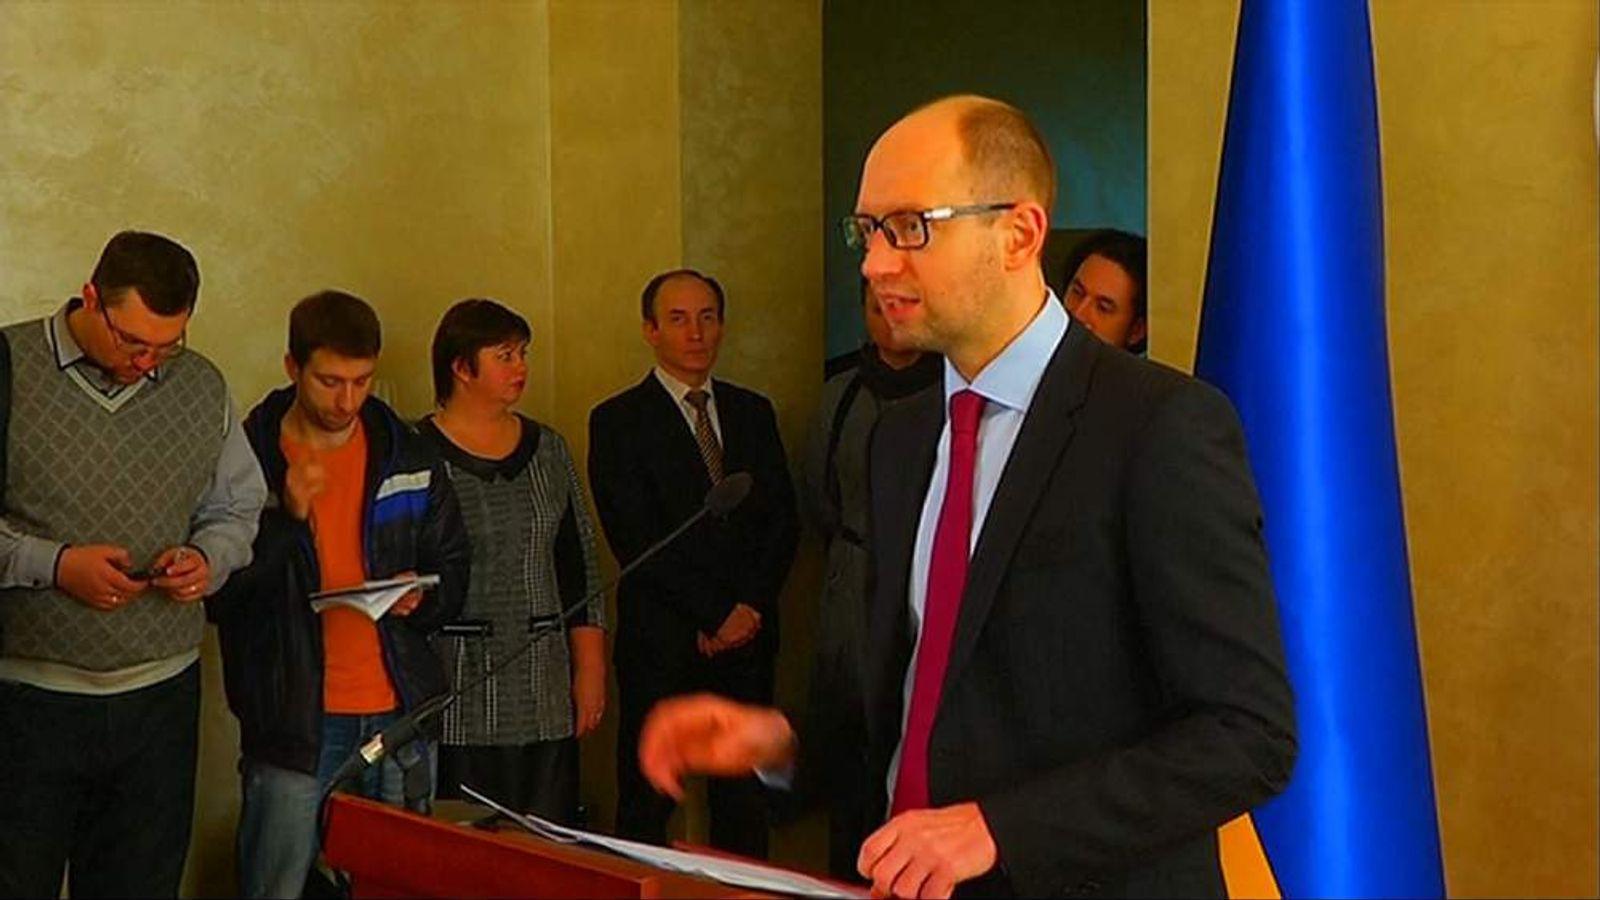 070314 UKRAINE PM ARSENIY YATSENYUK AT EU